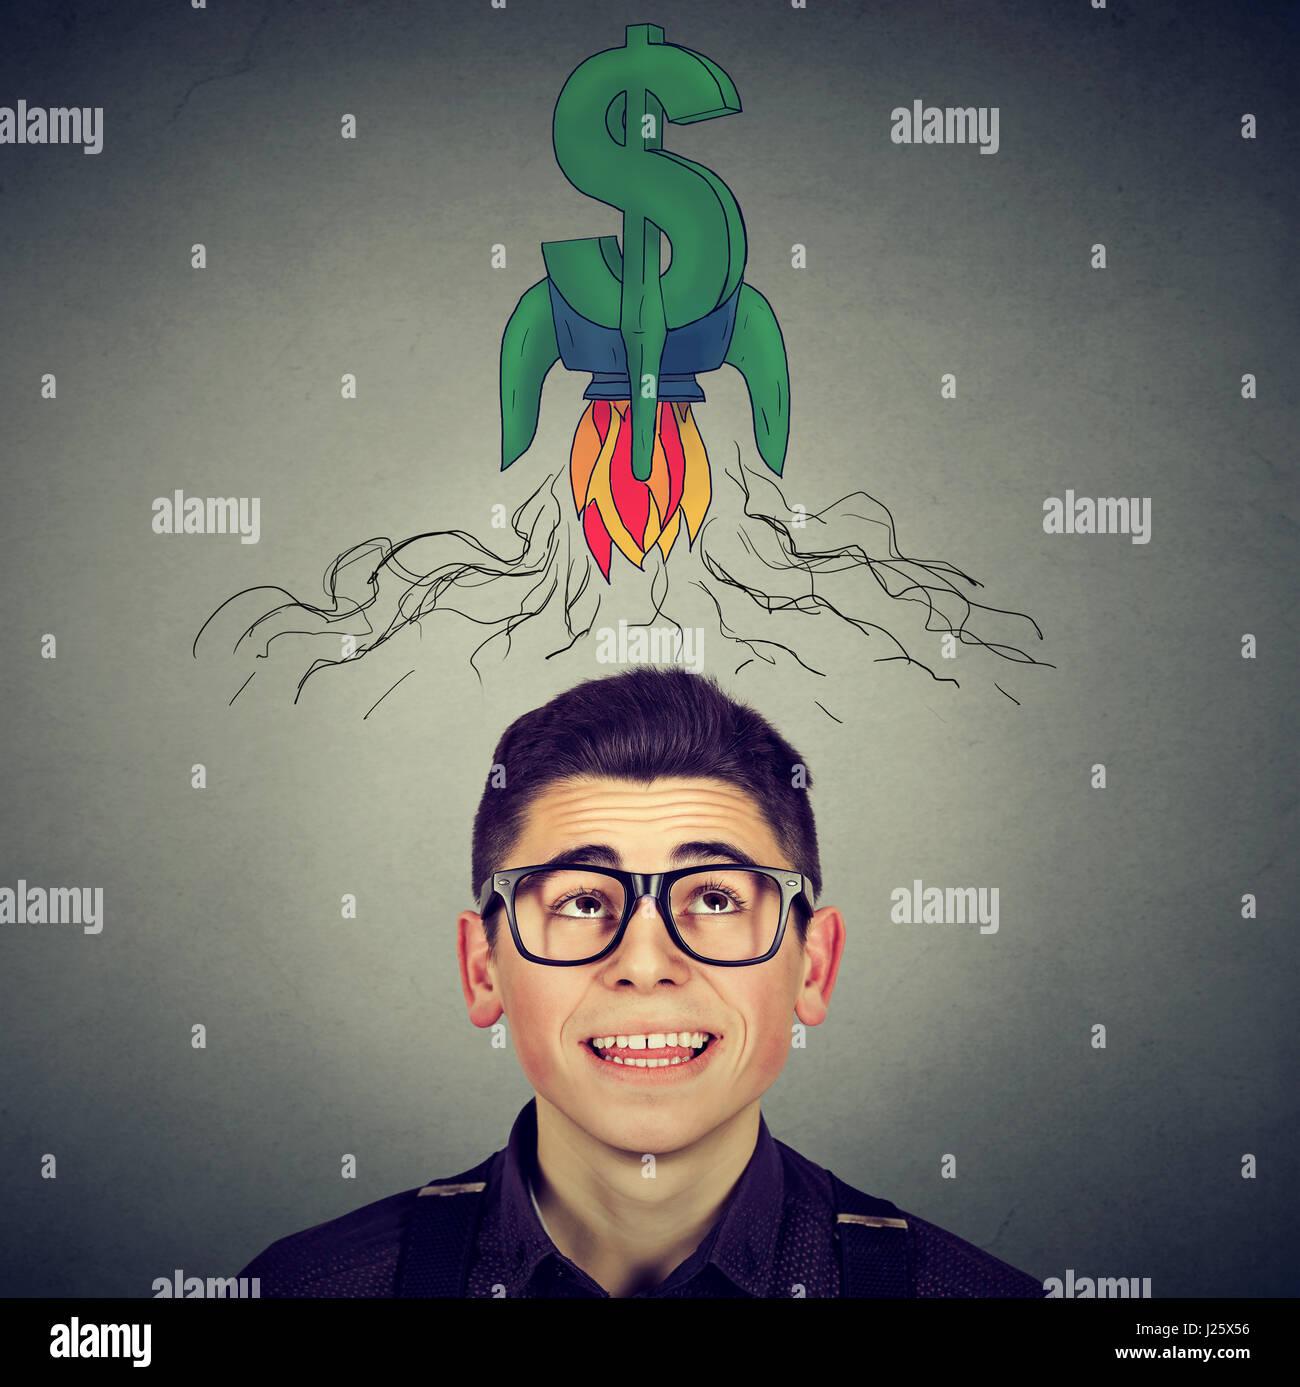 Finanziellen Erfolg Geschäftskonzept. Glücklich Jüngling in Gläsern betrachten Rakete Dollarzeichen Stockbild